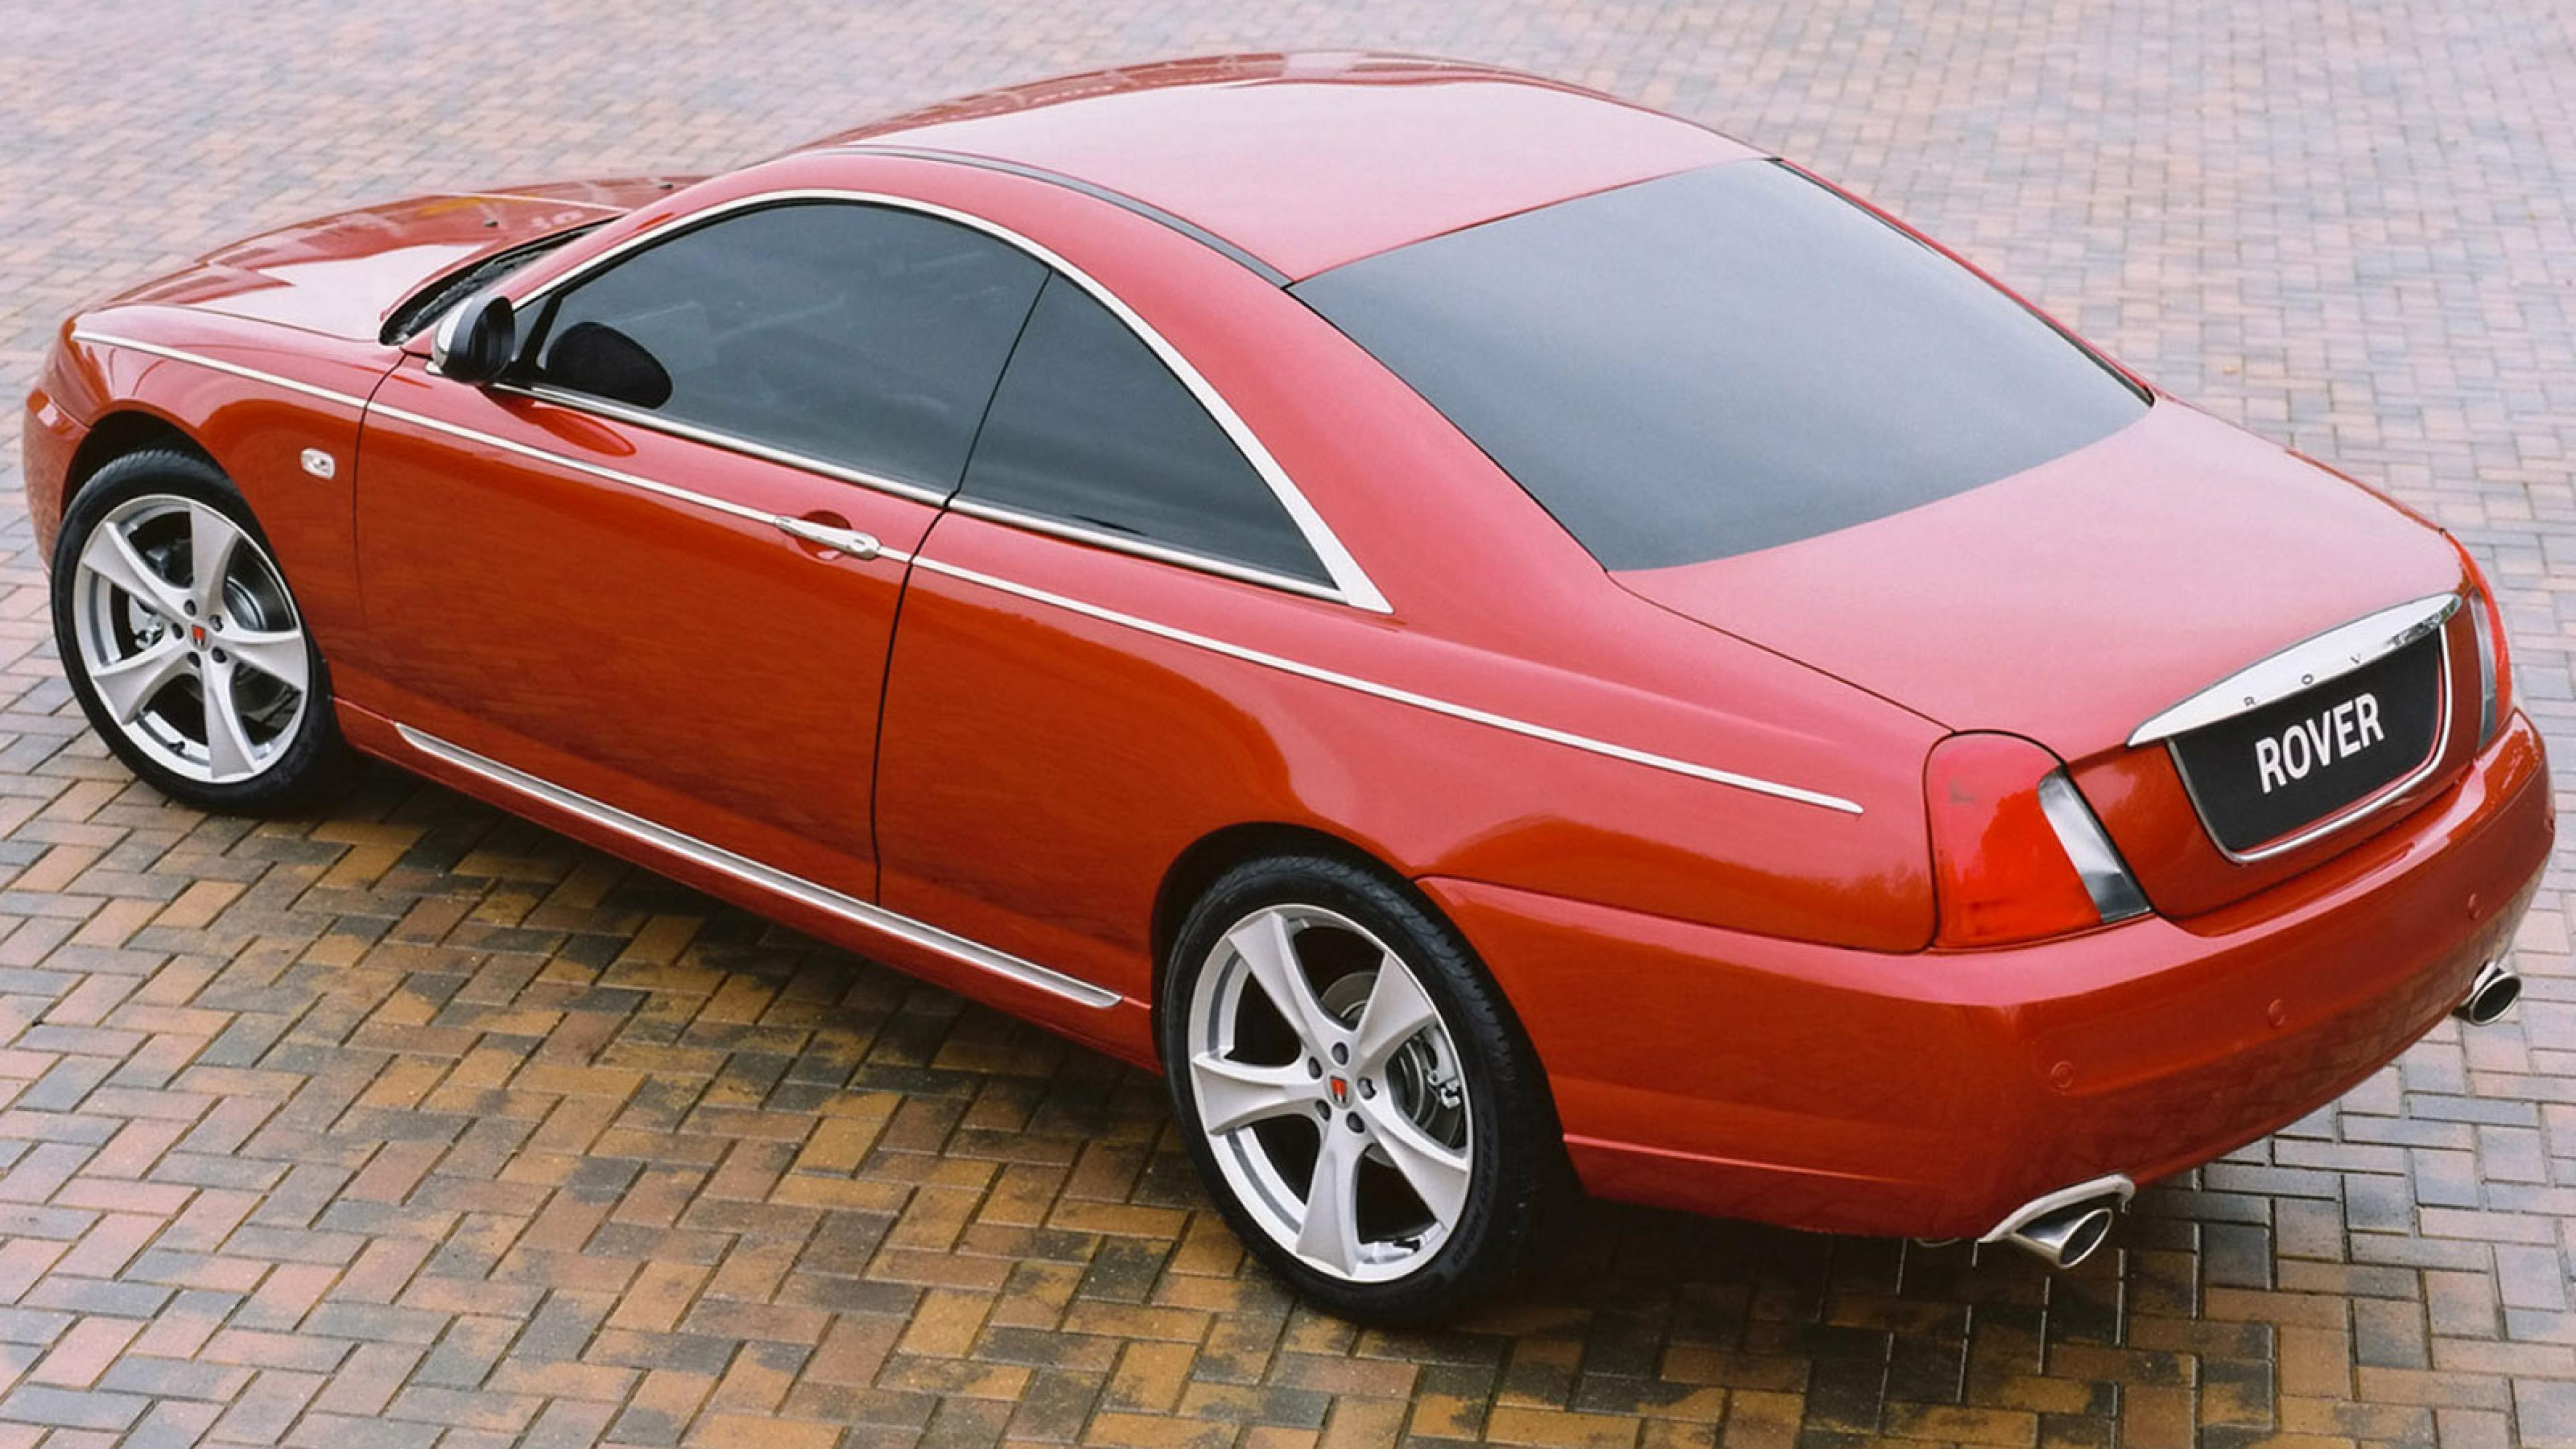 обои Rover, MG Rover, Rover 75, купе картинки фото